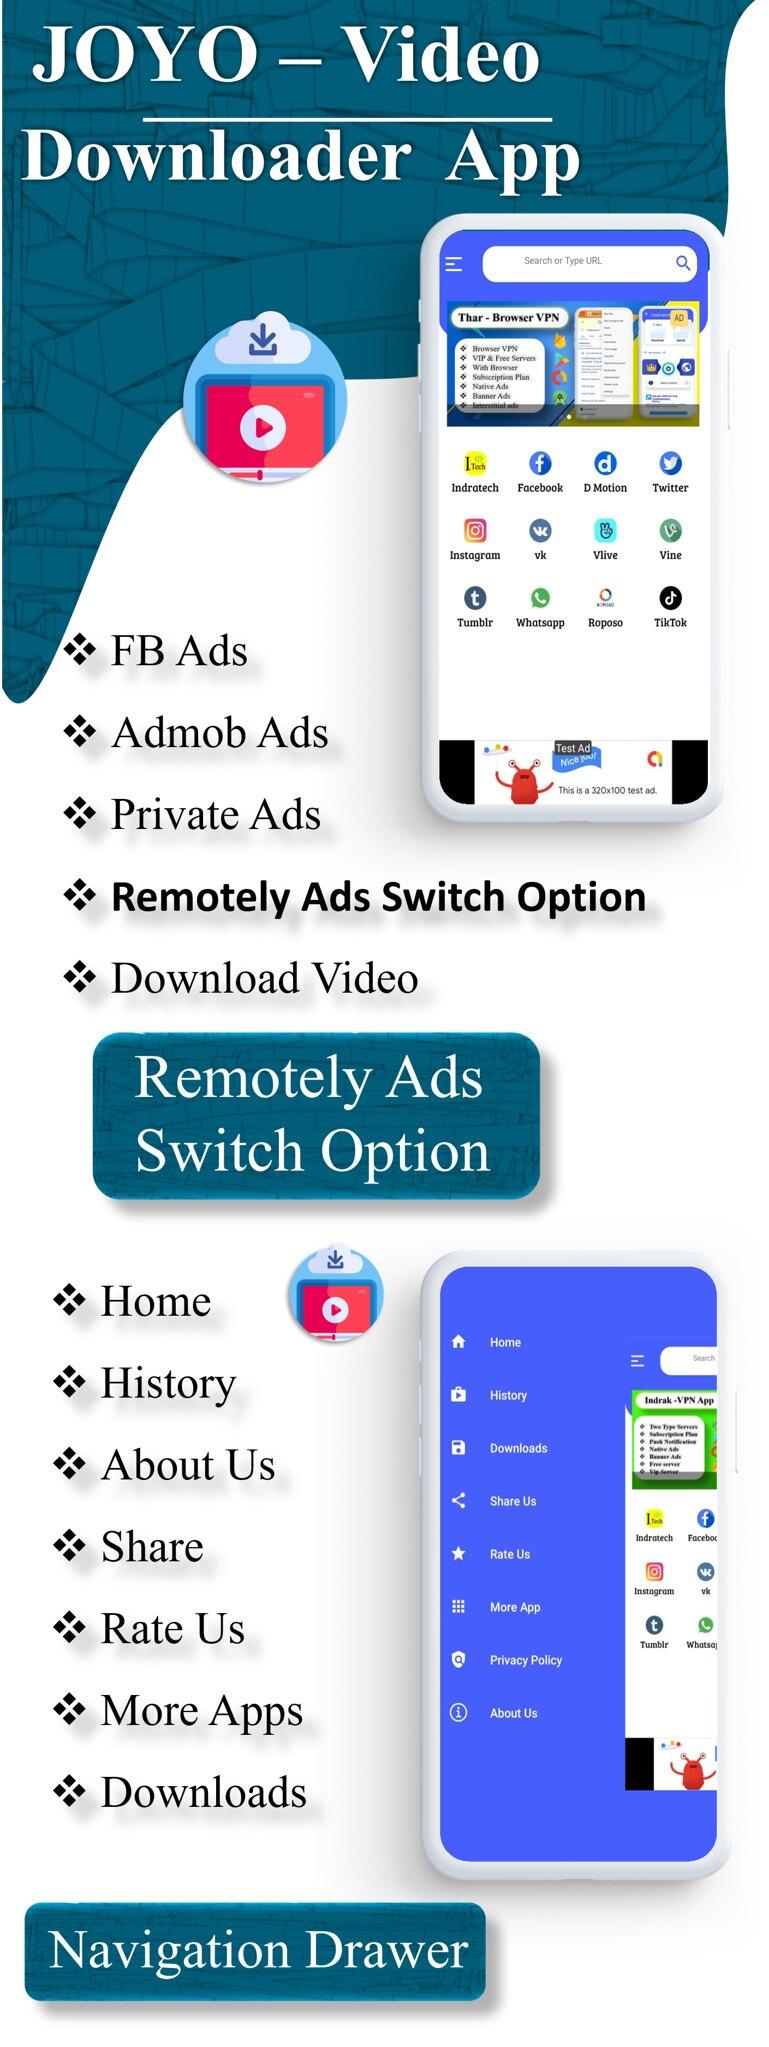 JOYO - Video Downloader App | Facebook Ads | Admob Ads | Slider Banner Image | Push Notification - 4